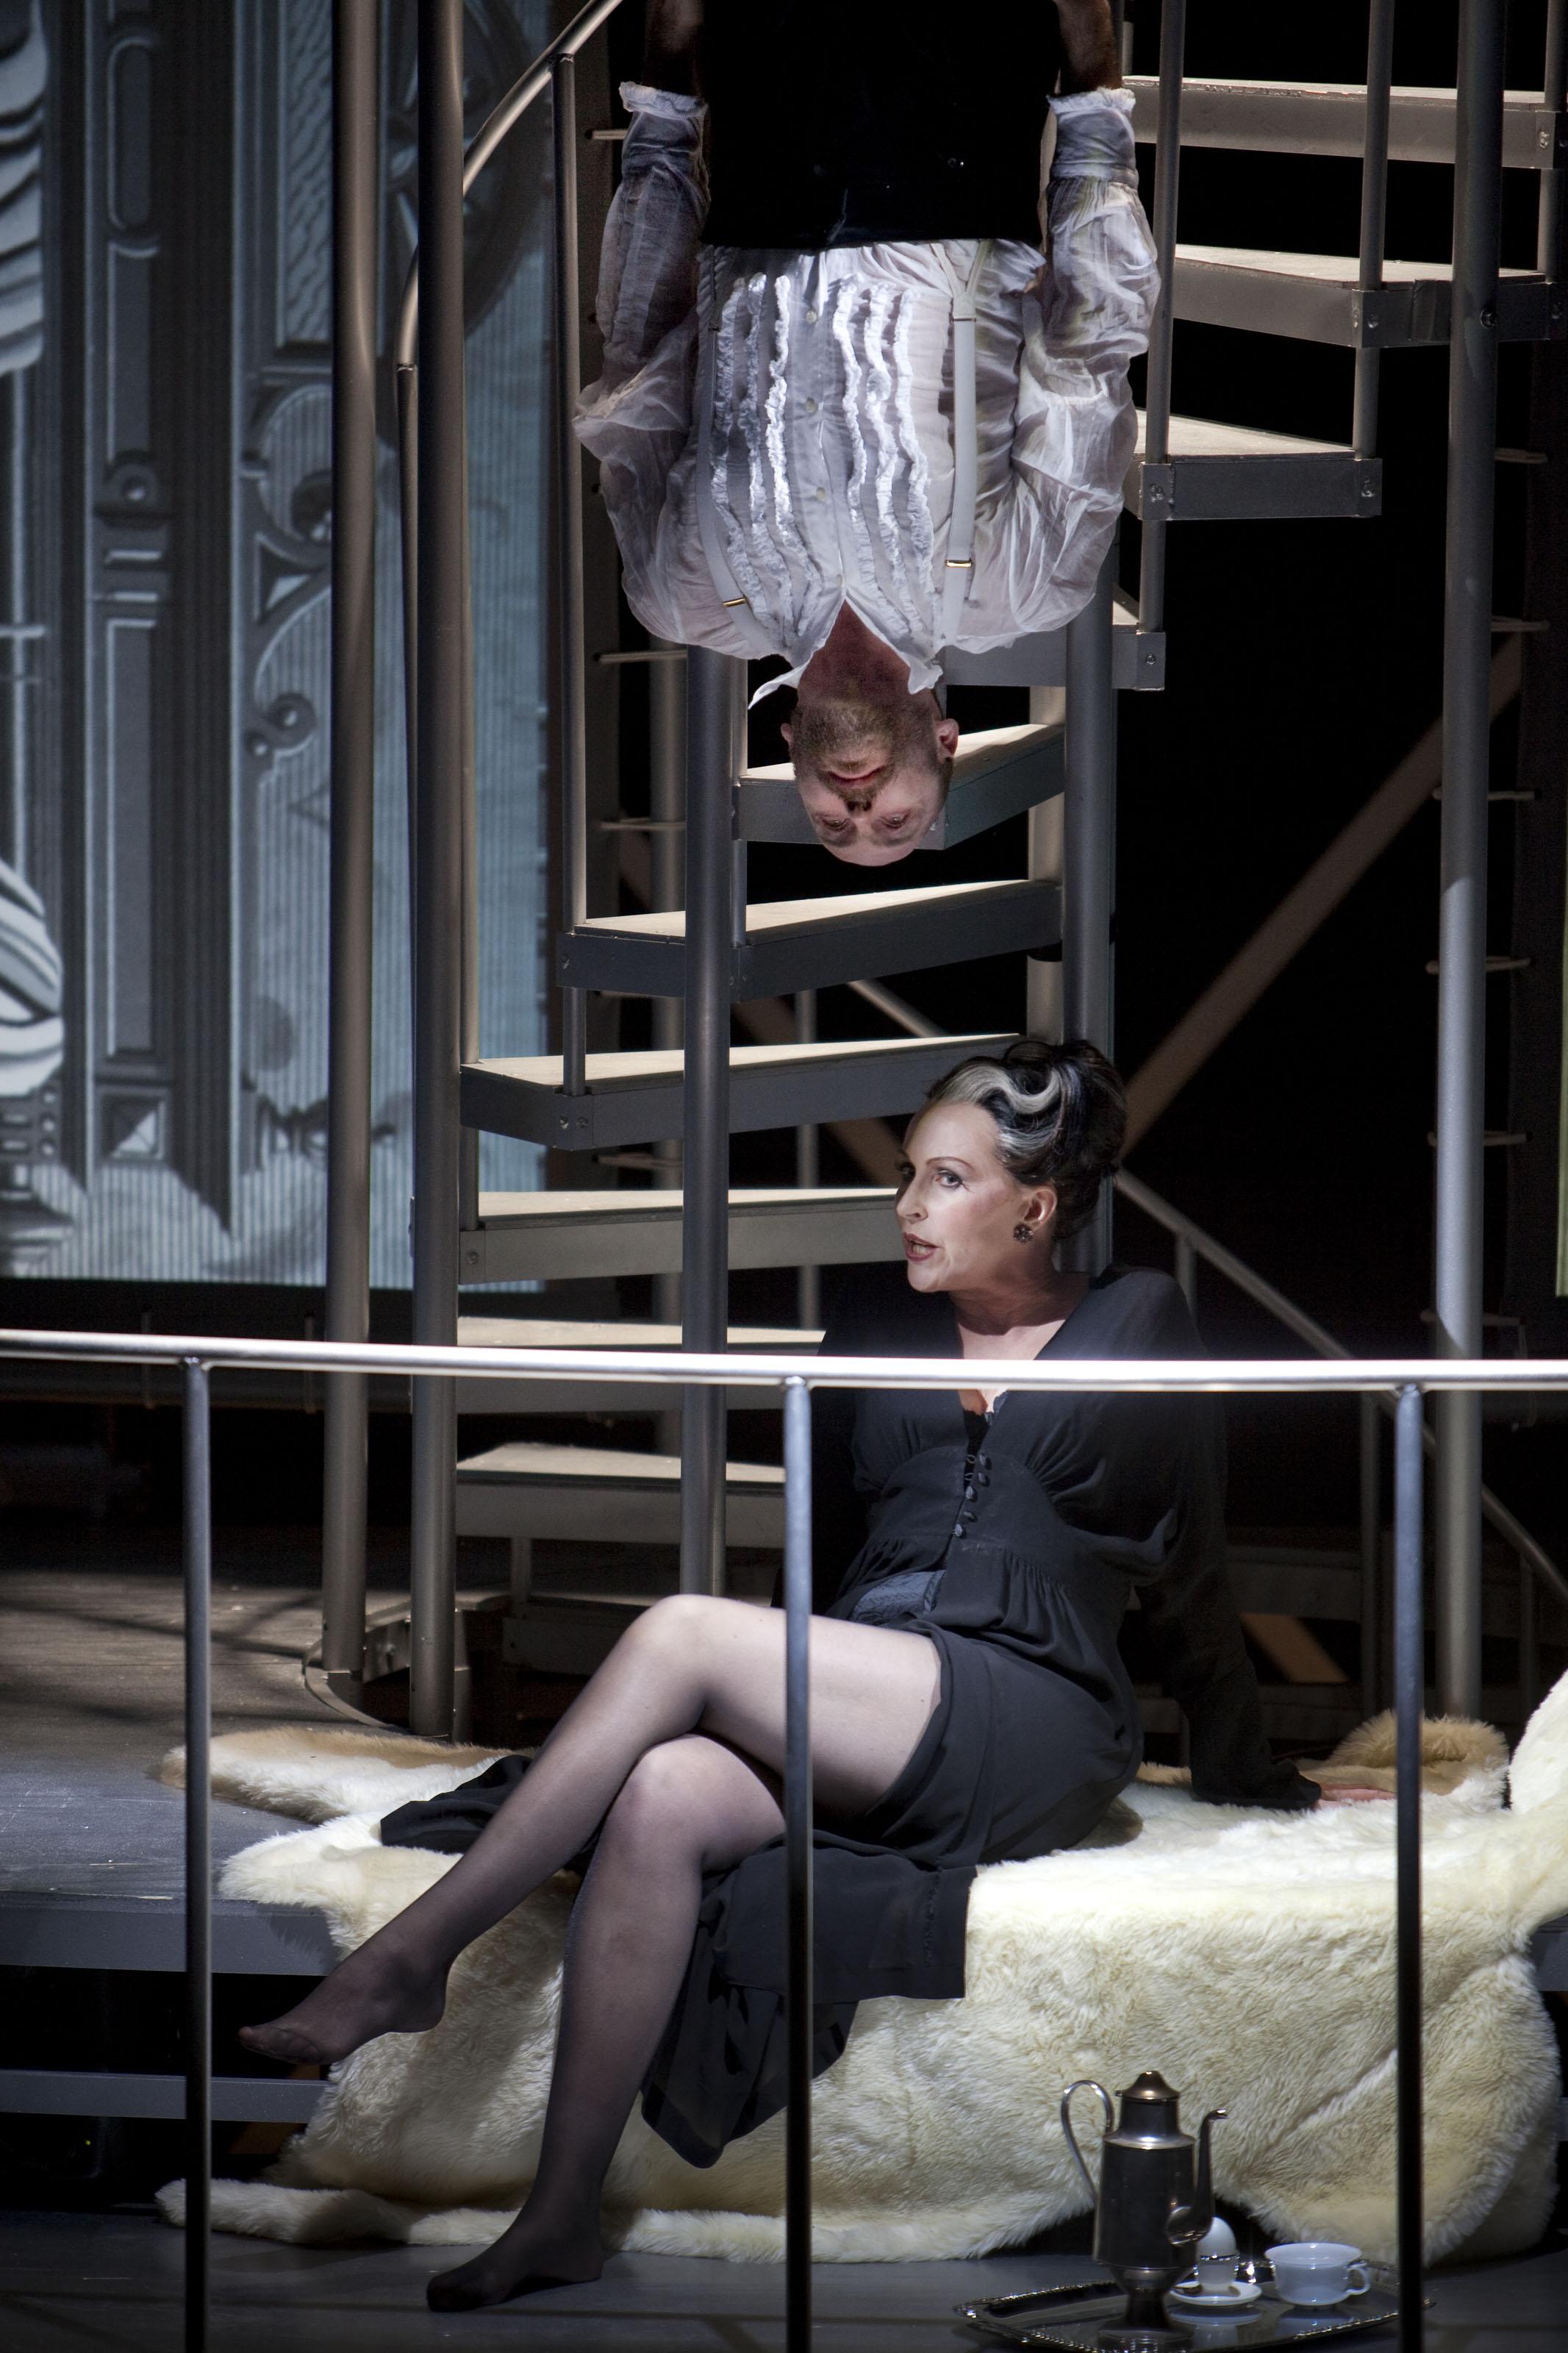 En man i vit skjorta hänger upp och ner. Nedanför sitter en Cruella-lik kvinna i svarta kläder och verkar smida onda planer.